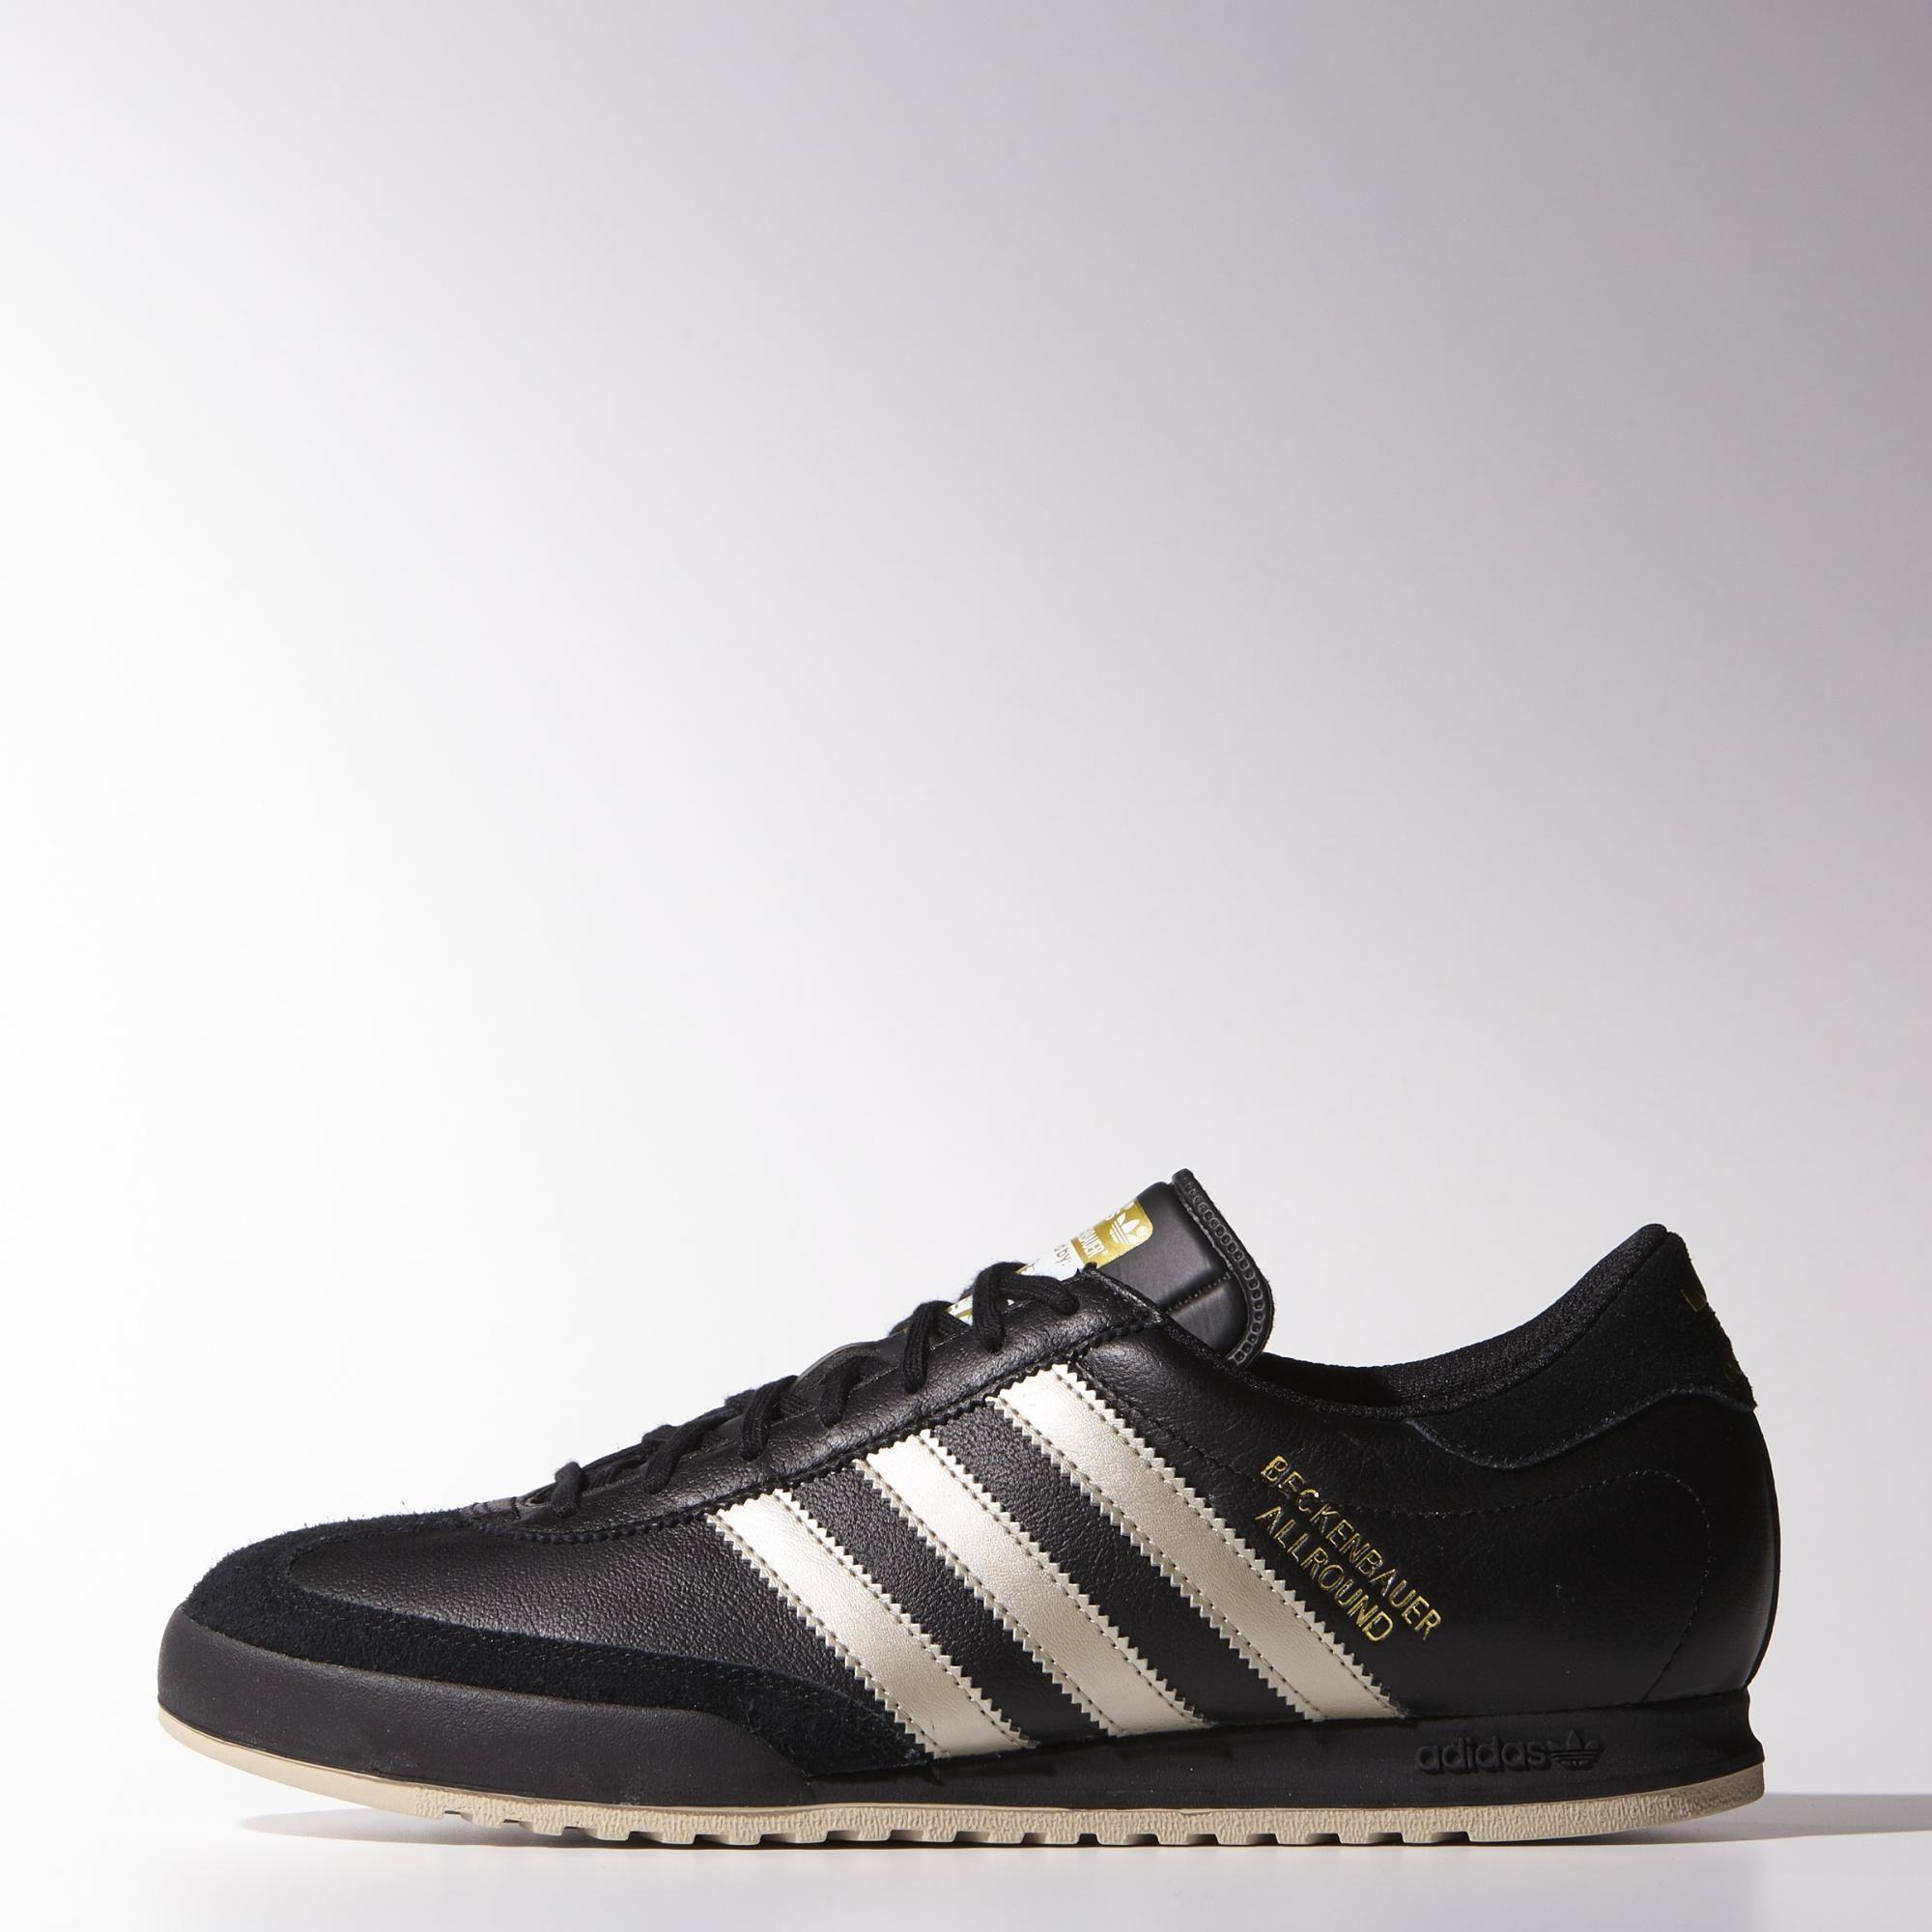 Adidas Beckenbauer | Adidas shoes, Shoes, Adidas